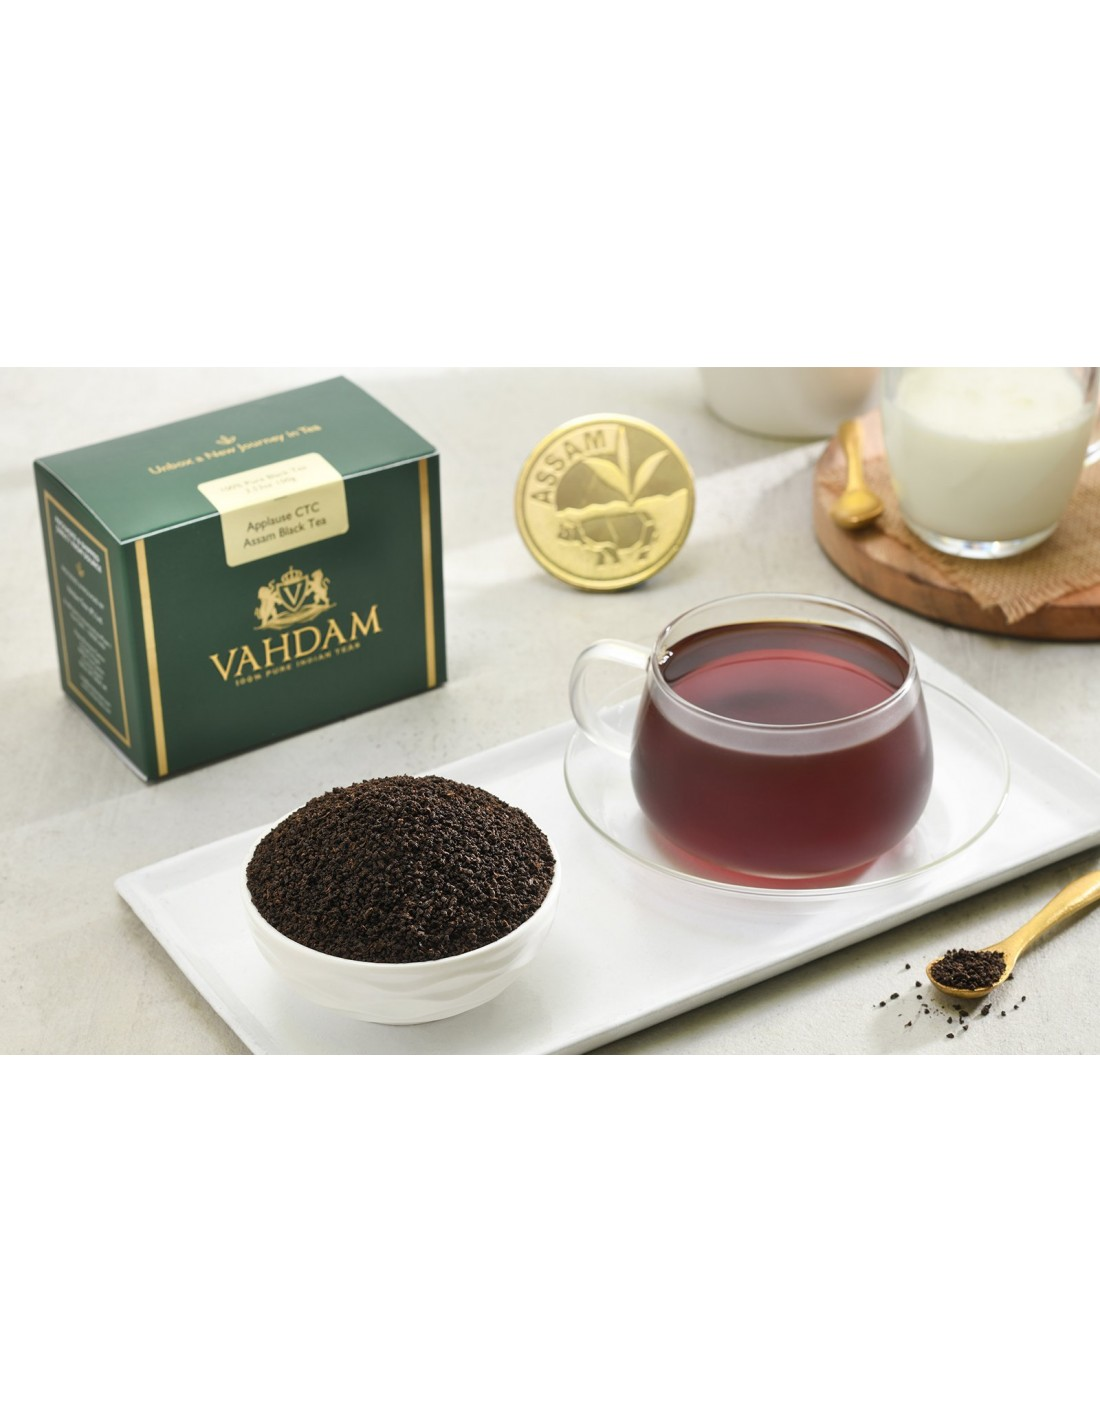 Applause CTC Assam Black Tea - Republika Smaków Sp. z o.o.